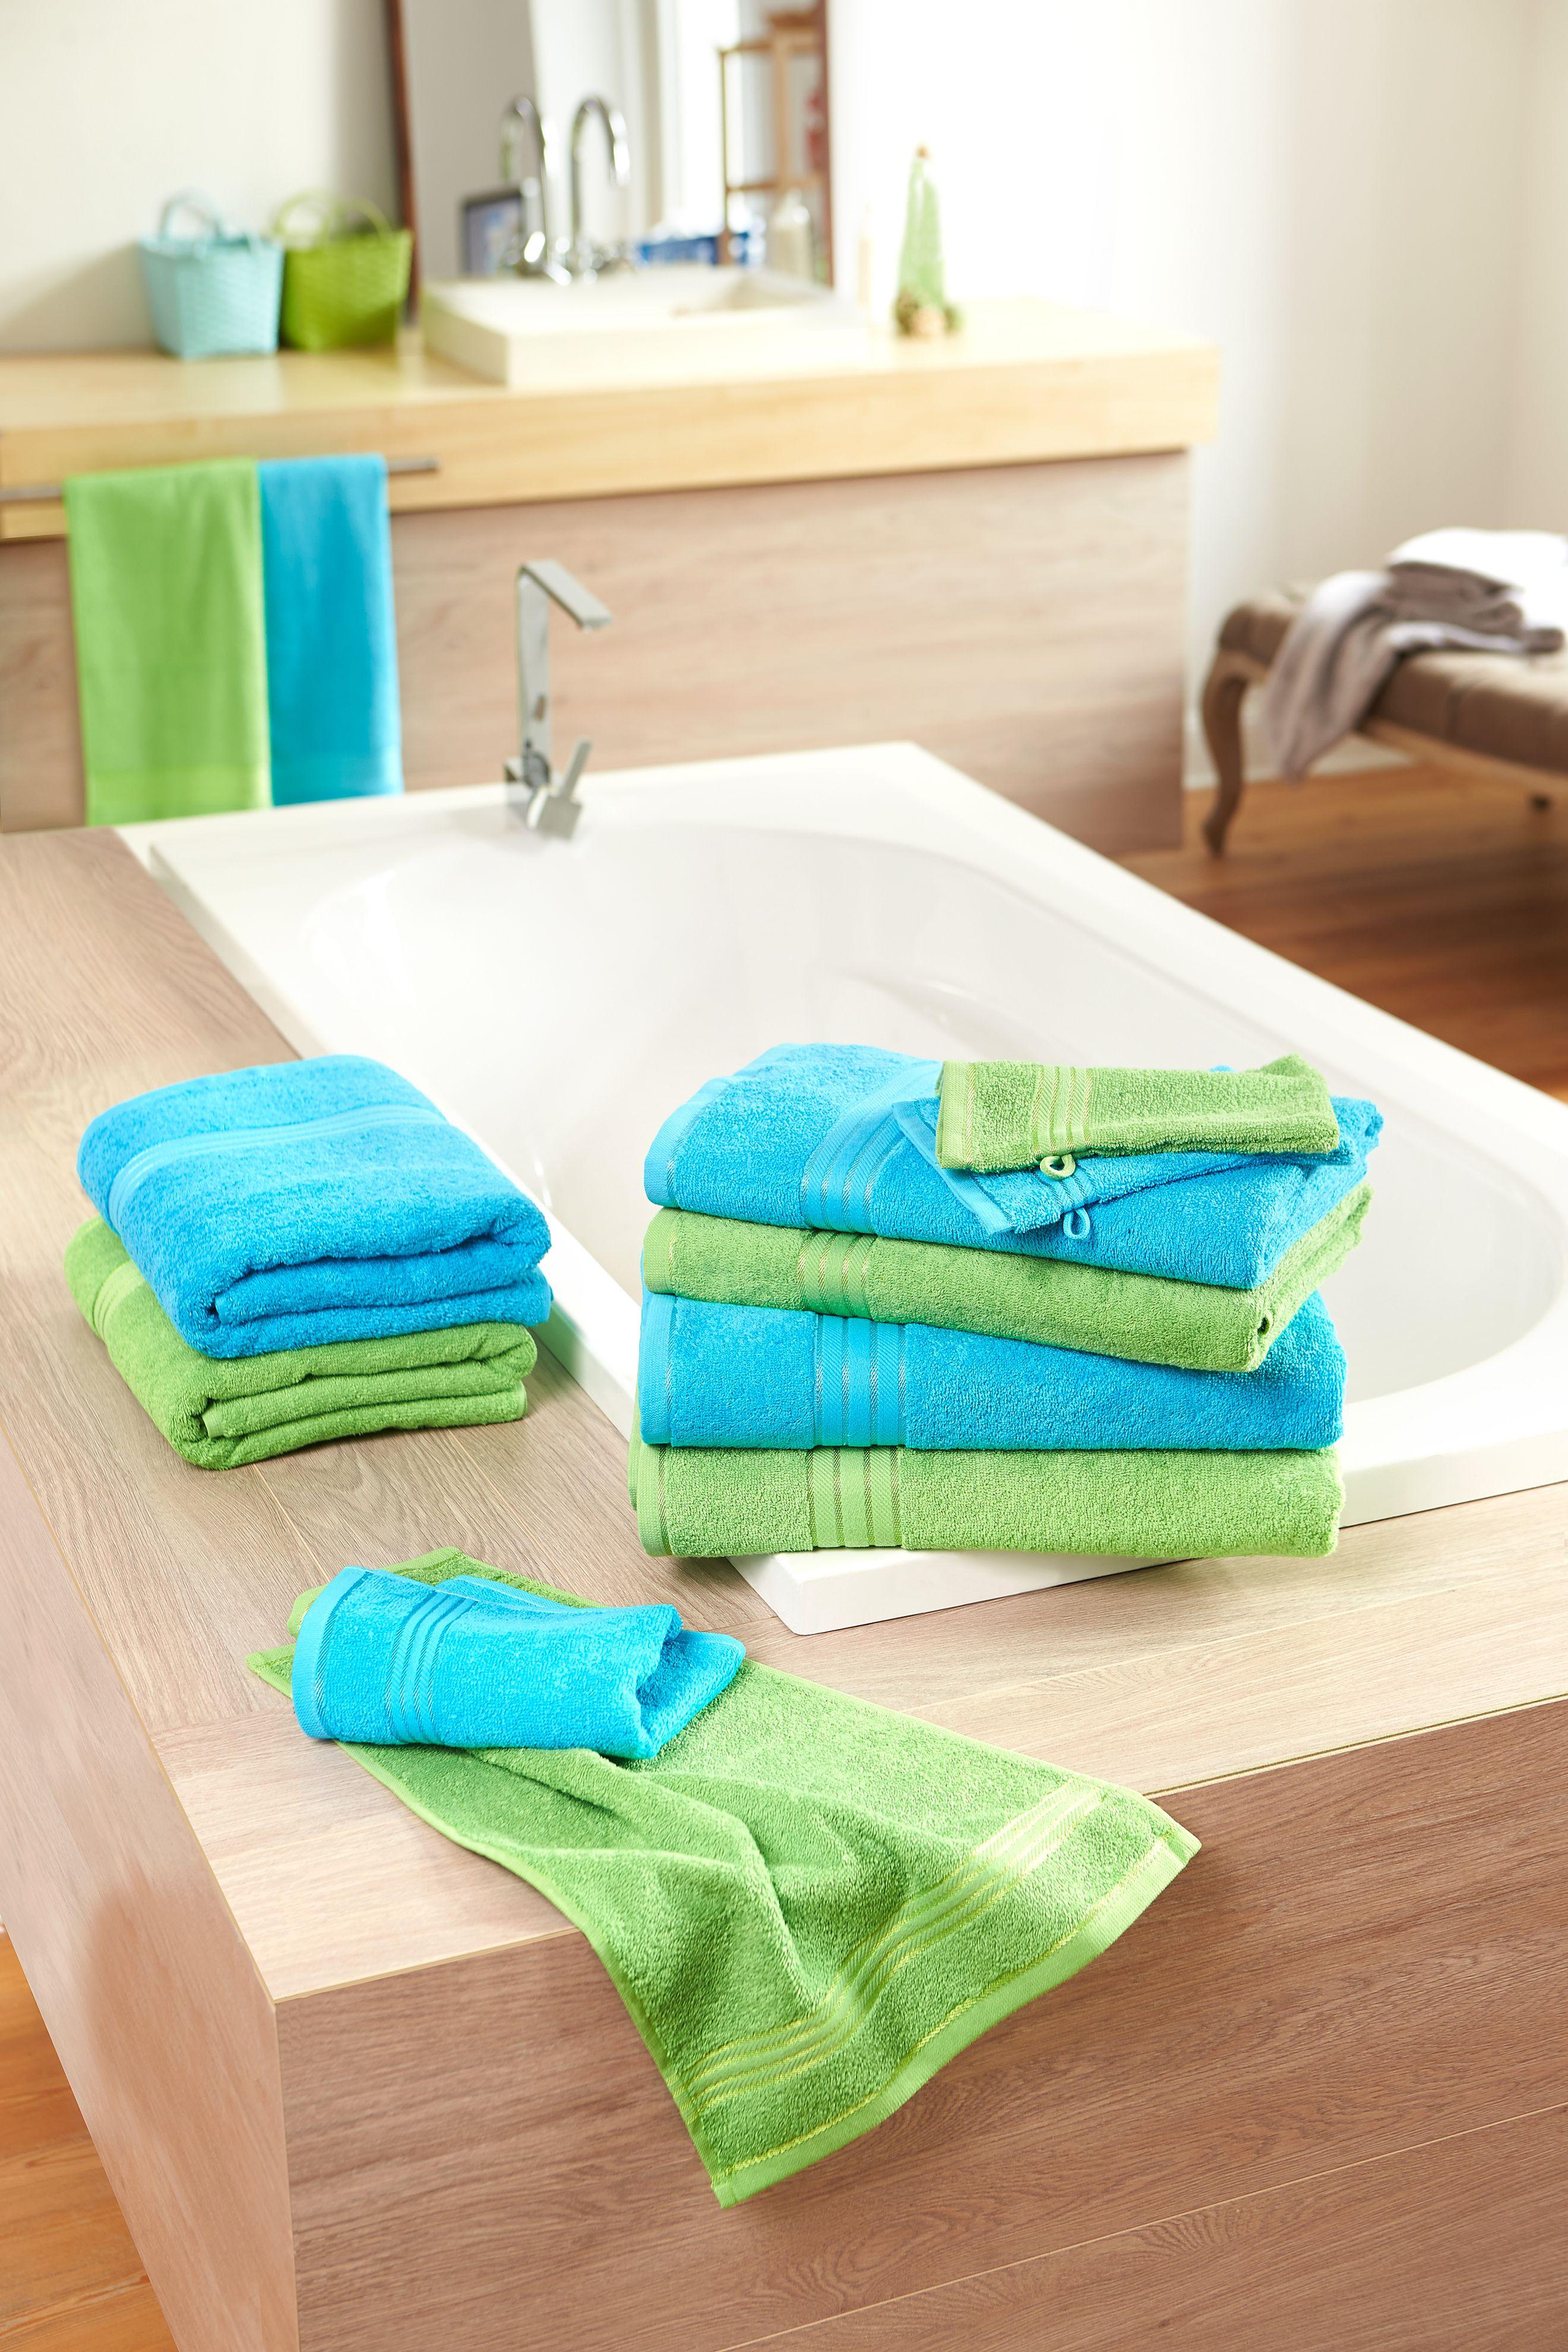 Handtuch in flauschiger Walkfrottier-Qualität